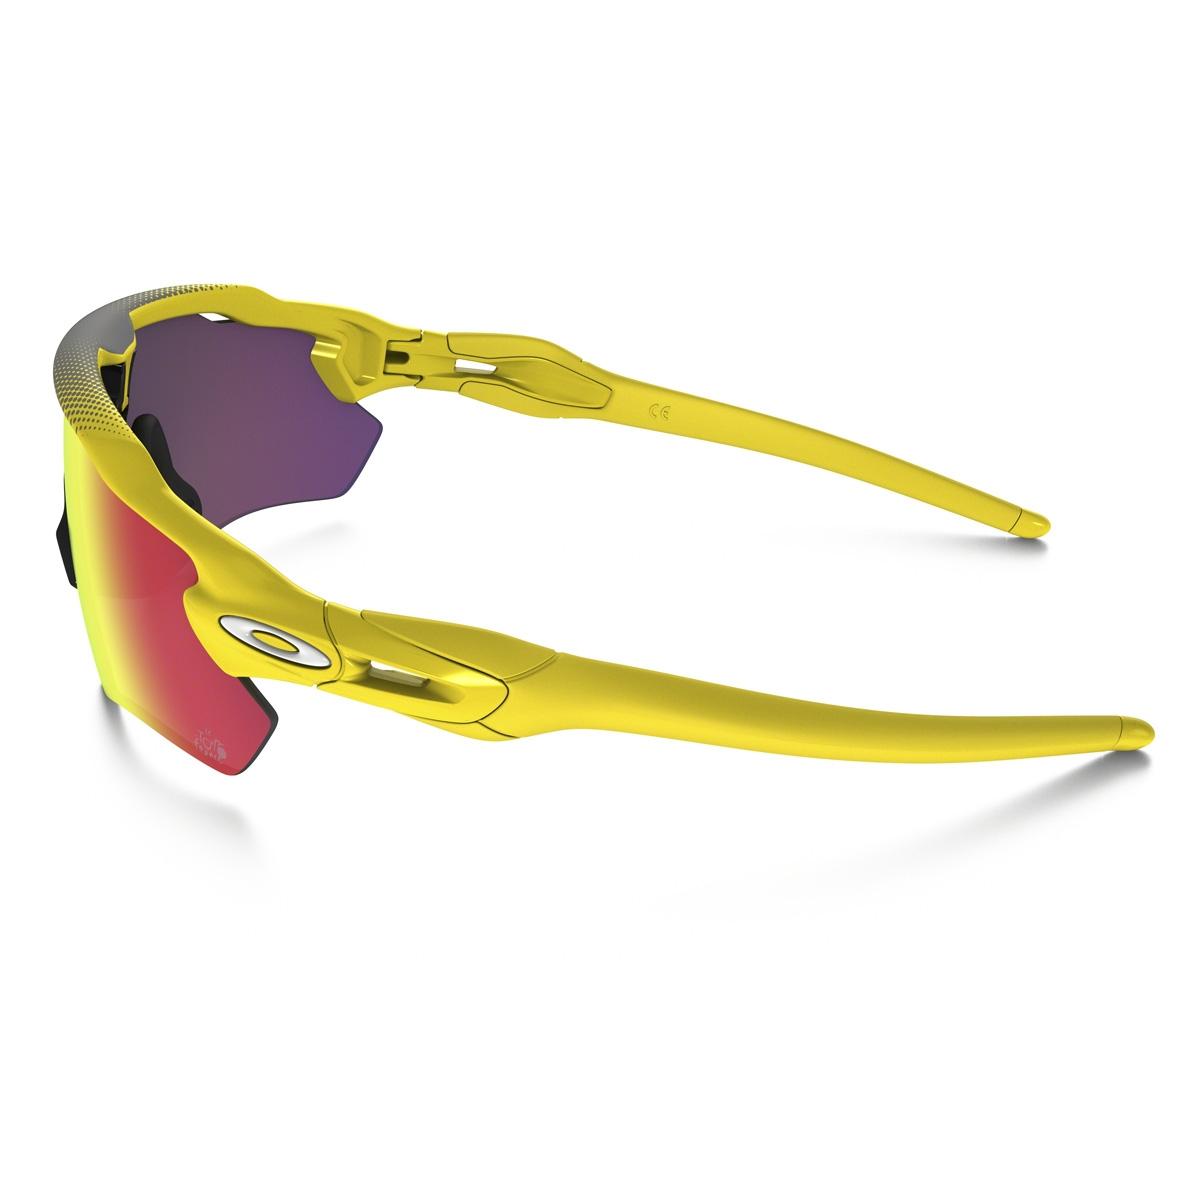 e0e29277770 ... Image of Oakley Radar EV Path Prizm Road Tour De France Sunglasses -  Team Yellow Frame ...